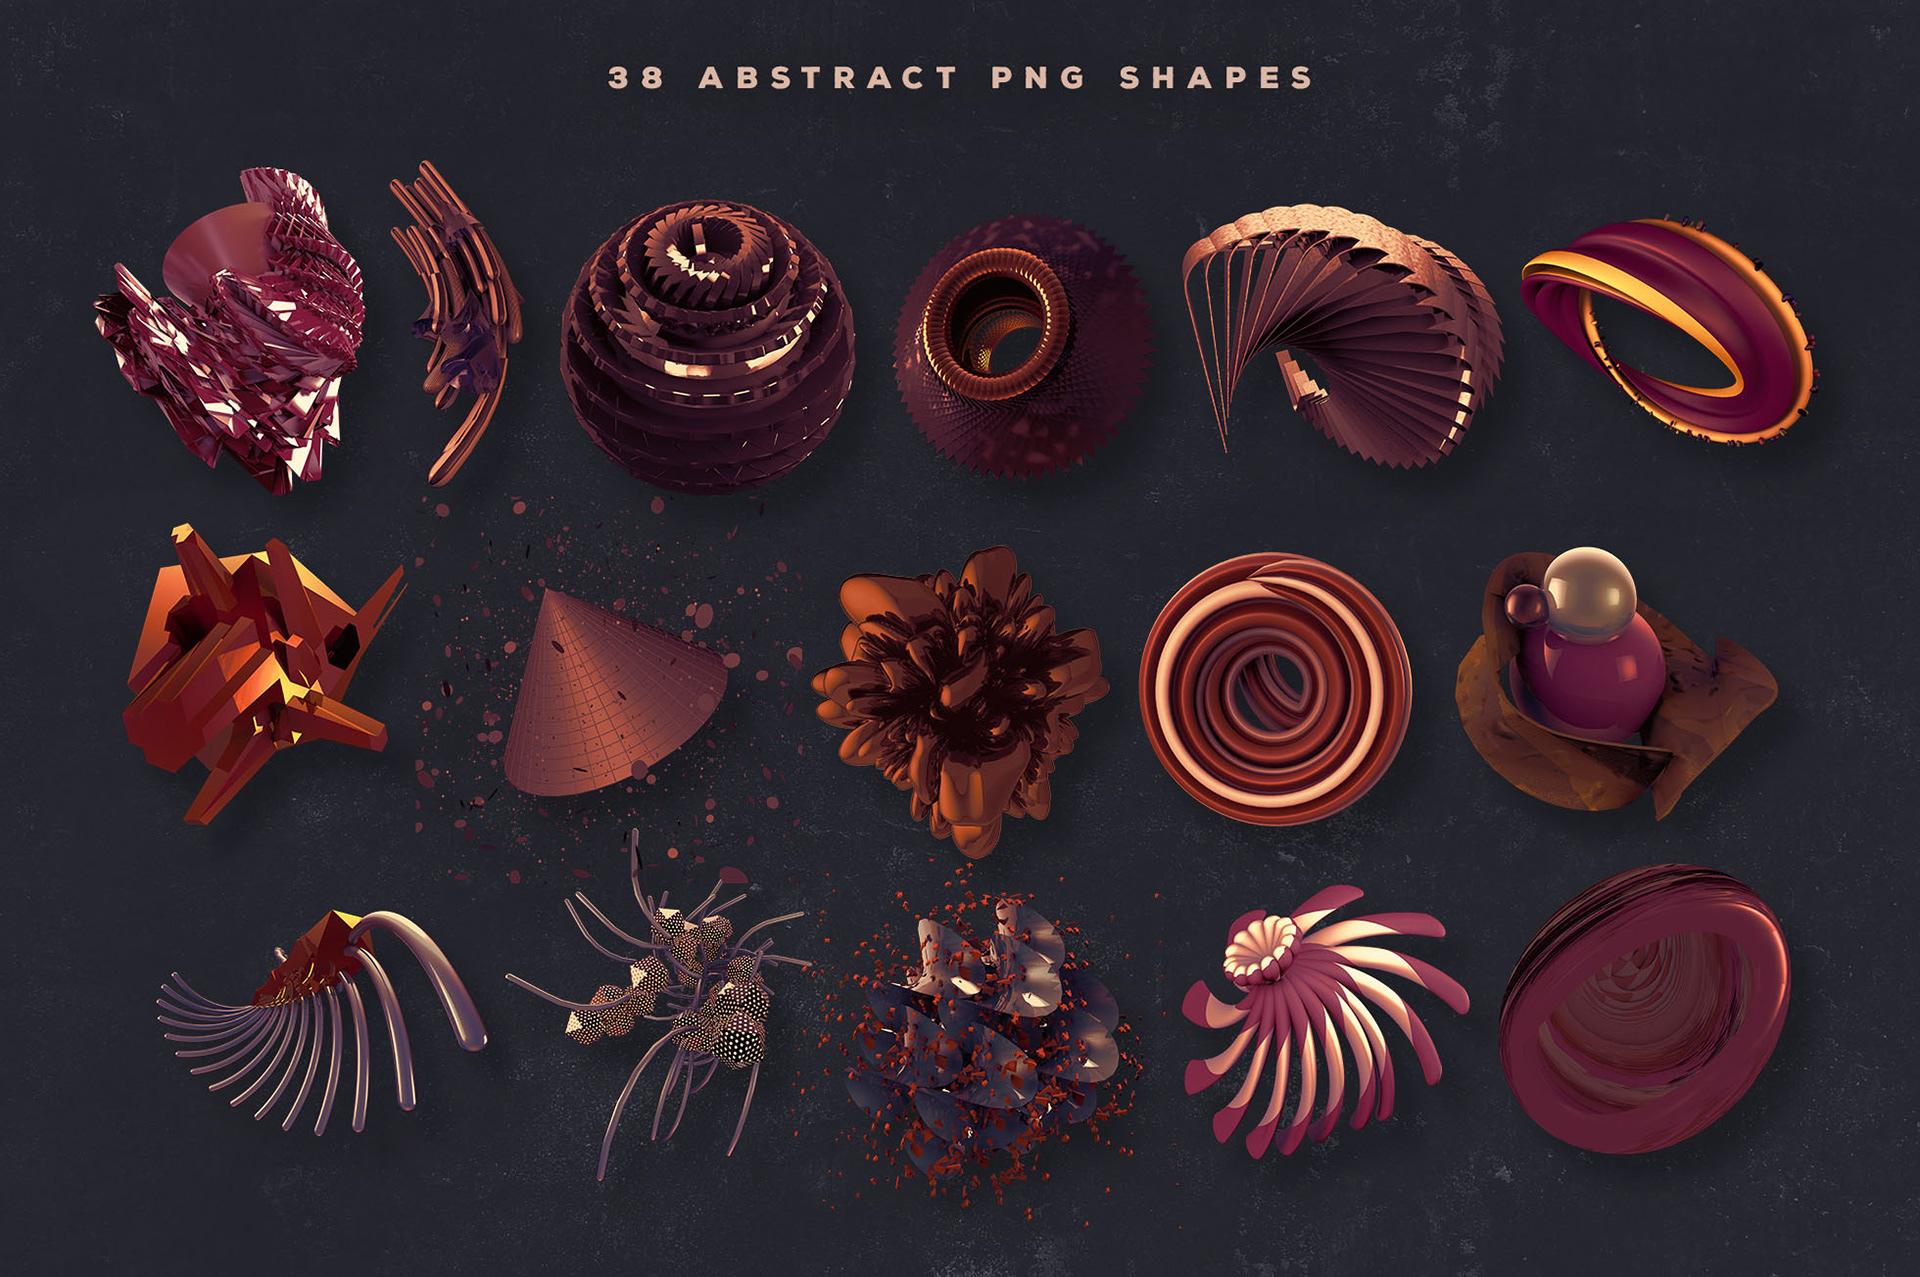 38个创意抽象3D科幻金属图形纹理素材 3D Abstract Shapes 16插图(5)